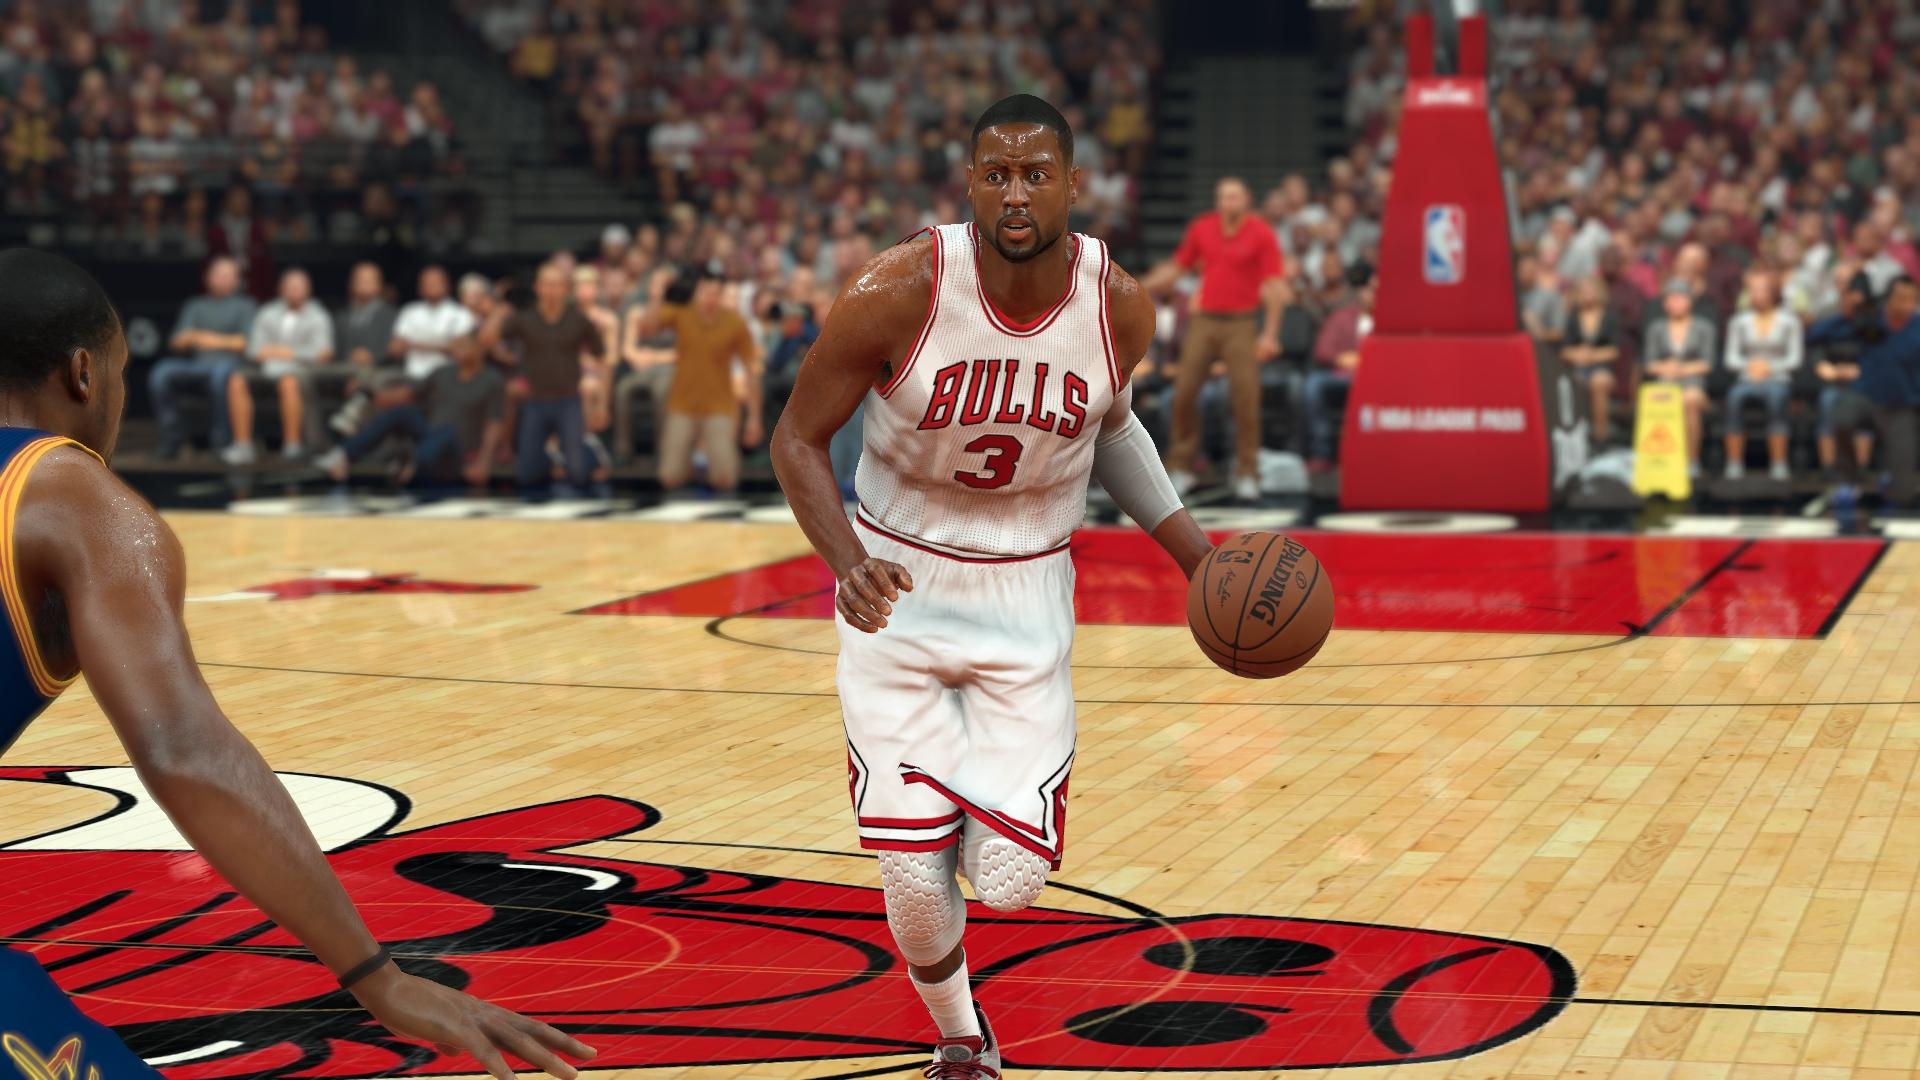 NBA2_K17_2017_05_30_00_44_49_710